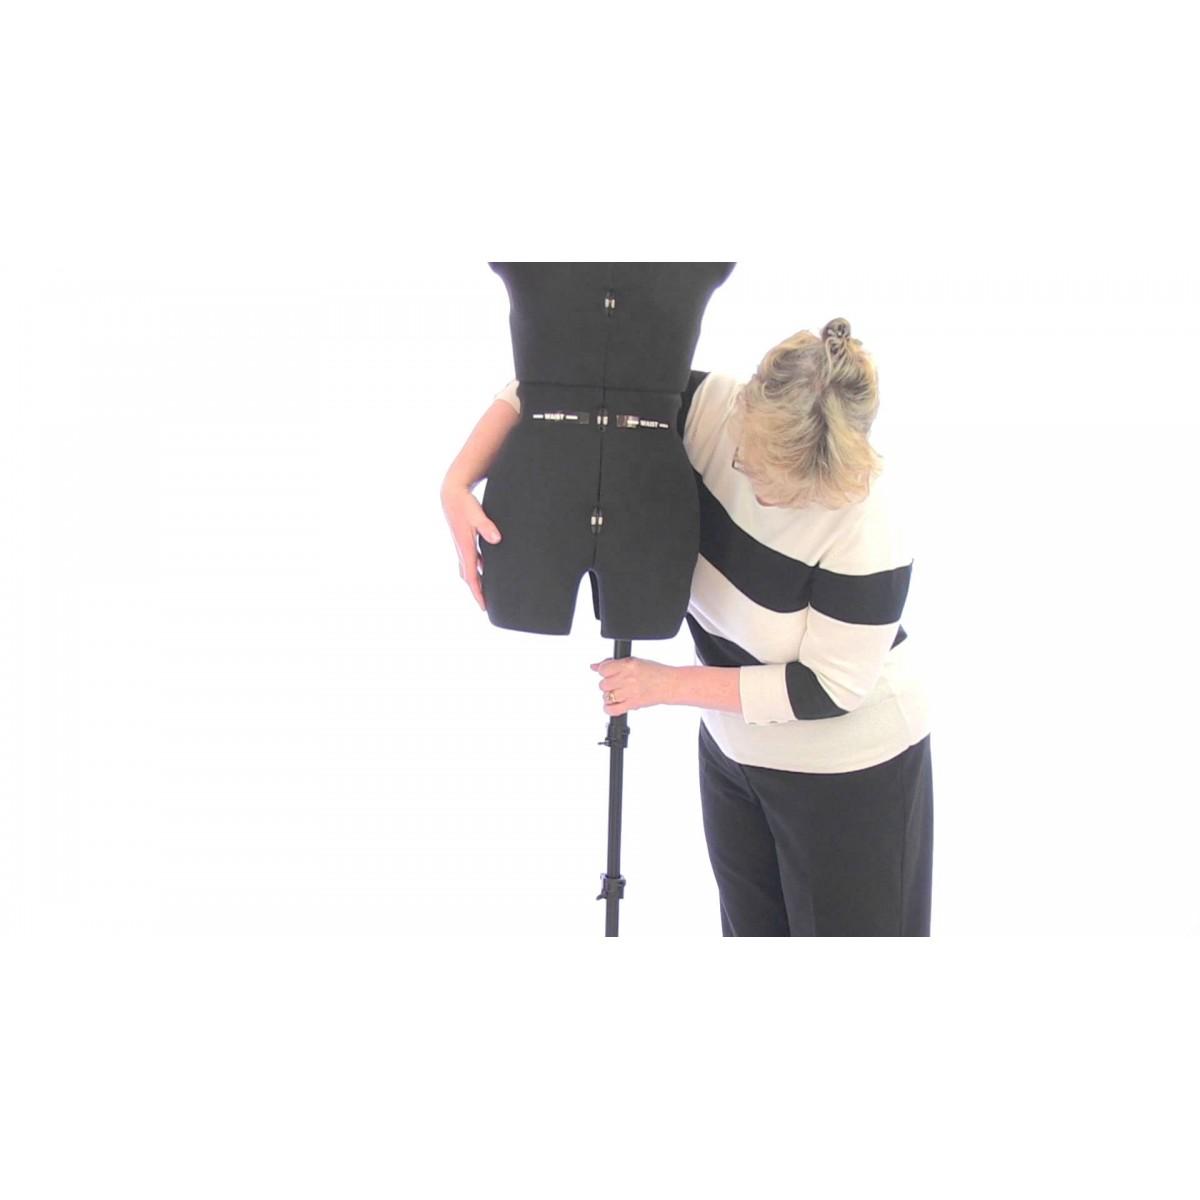 Шивашки манекен дамски голям за панталони - Sew Deluxe В